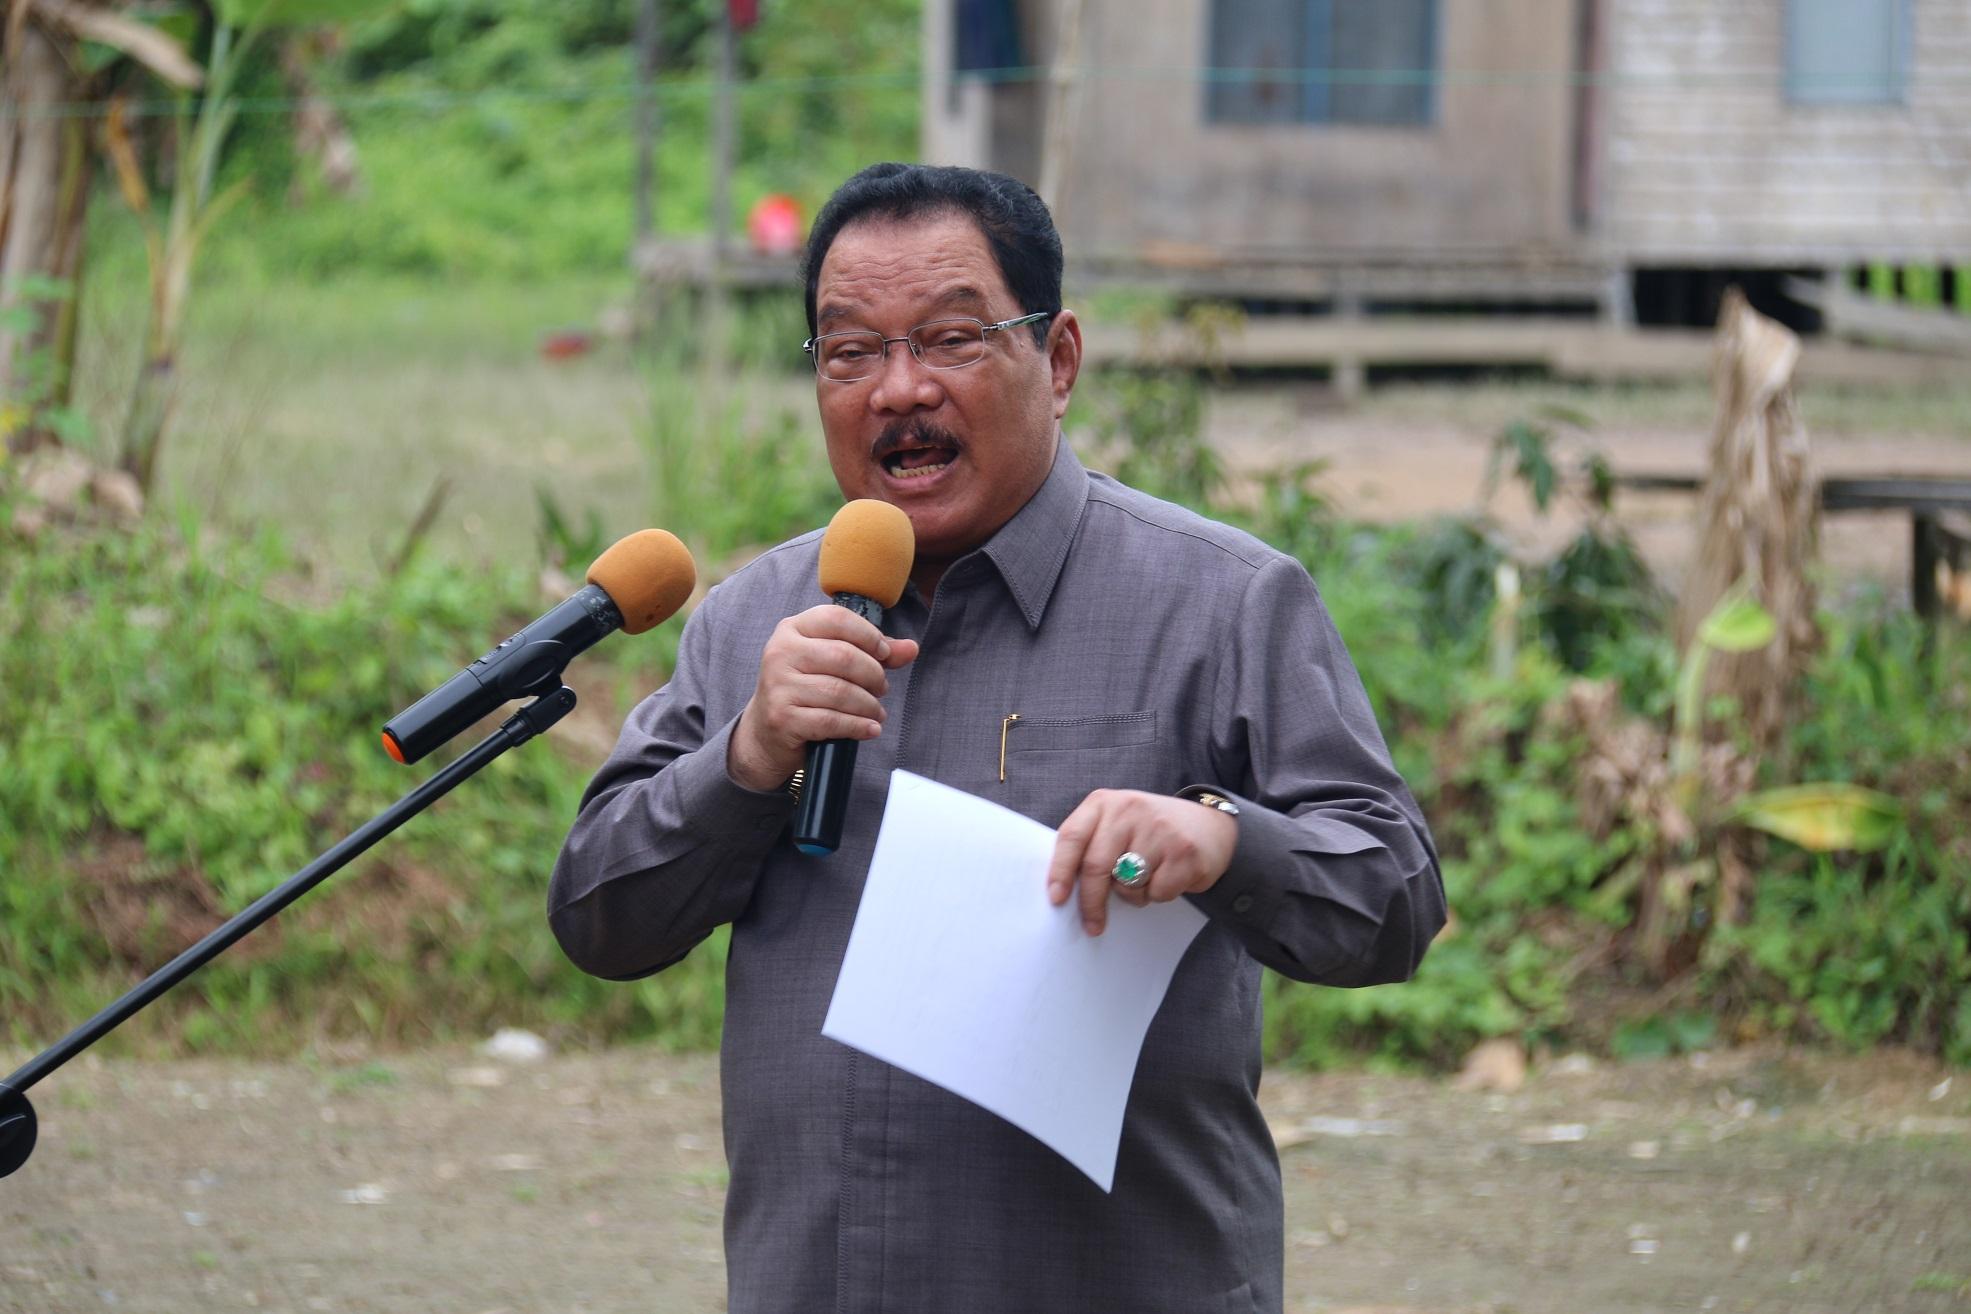 Bupati H. Yusriansyah Syarkawi Ingatkan ASN & PTT Tunduk & Taat Aturan